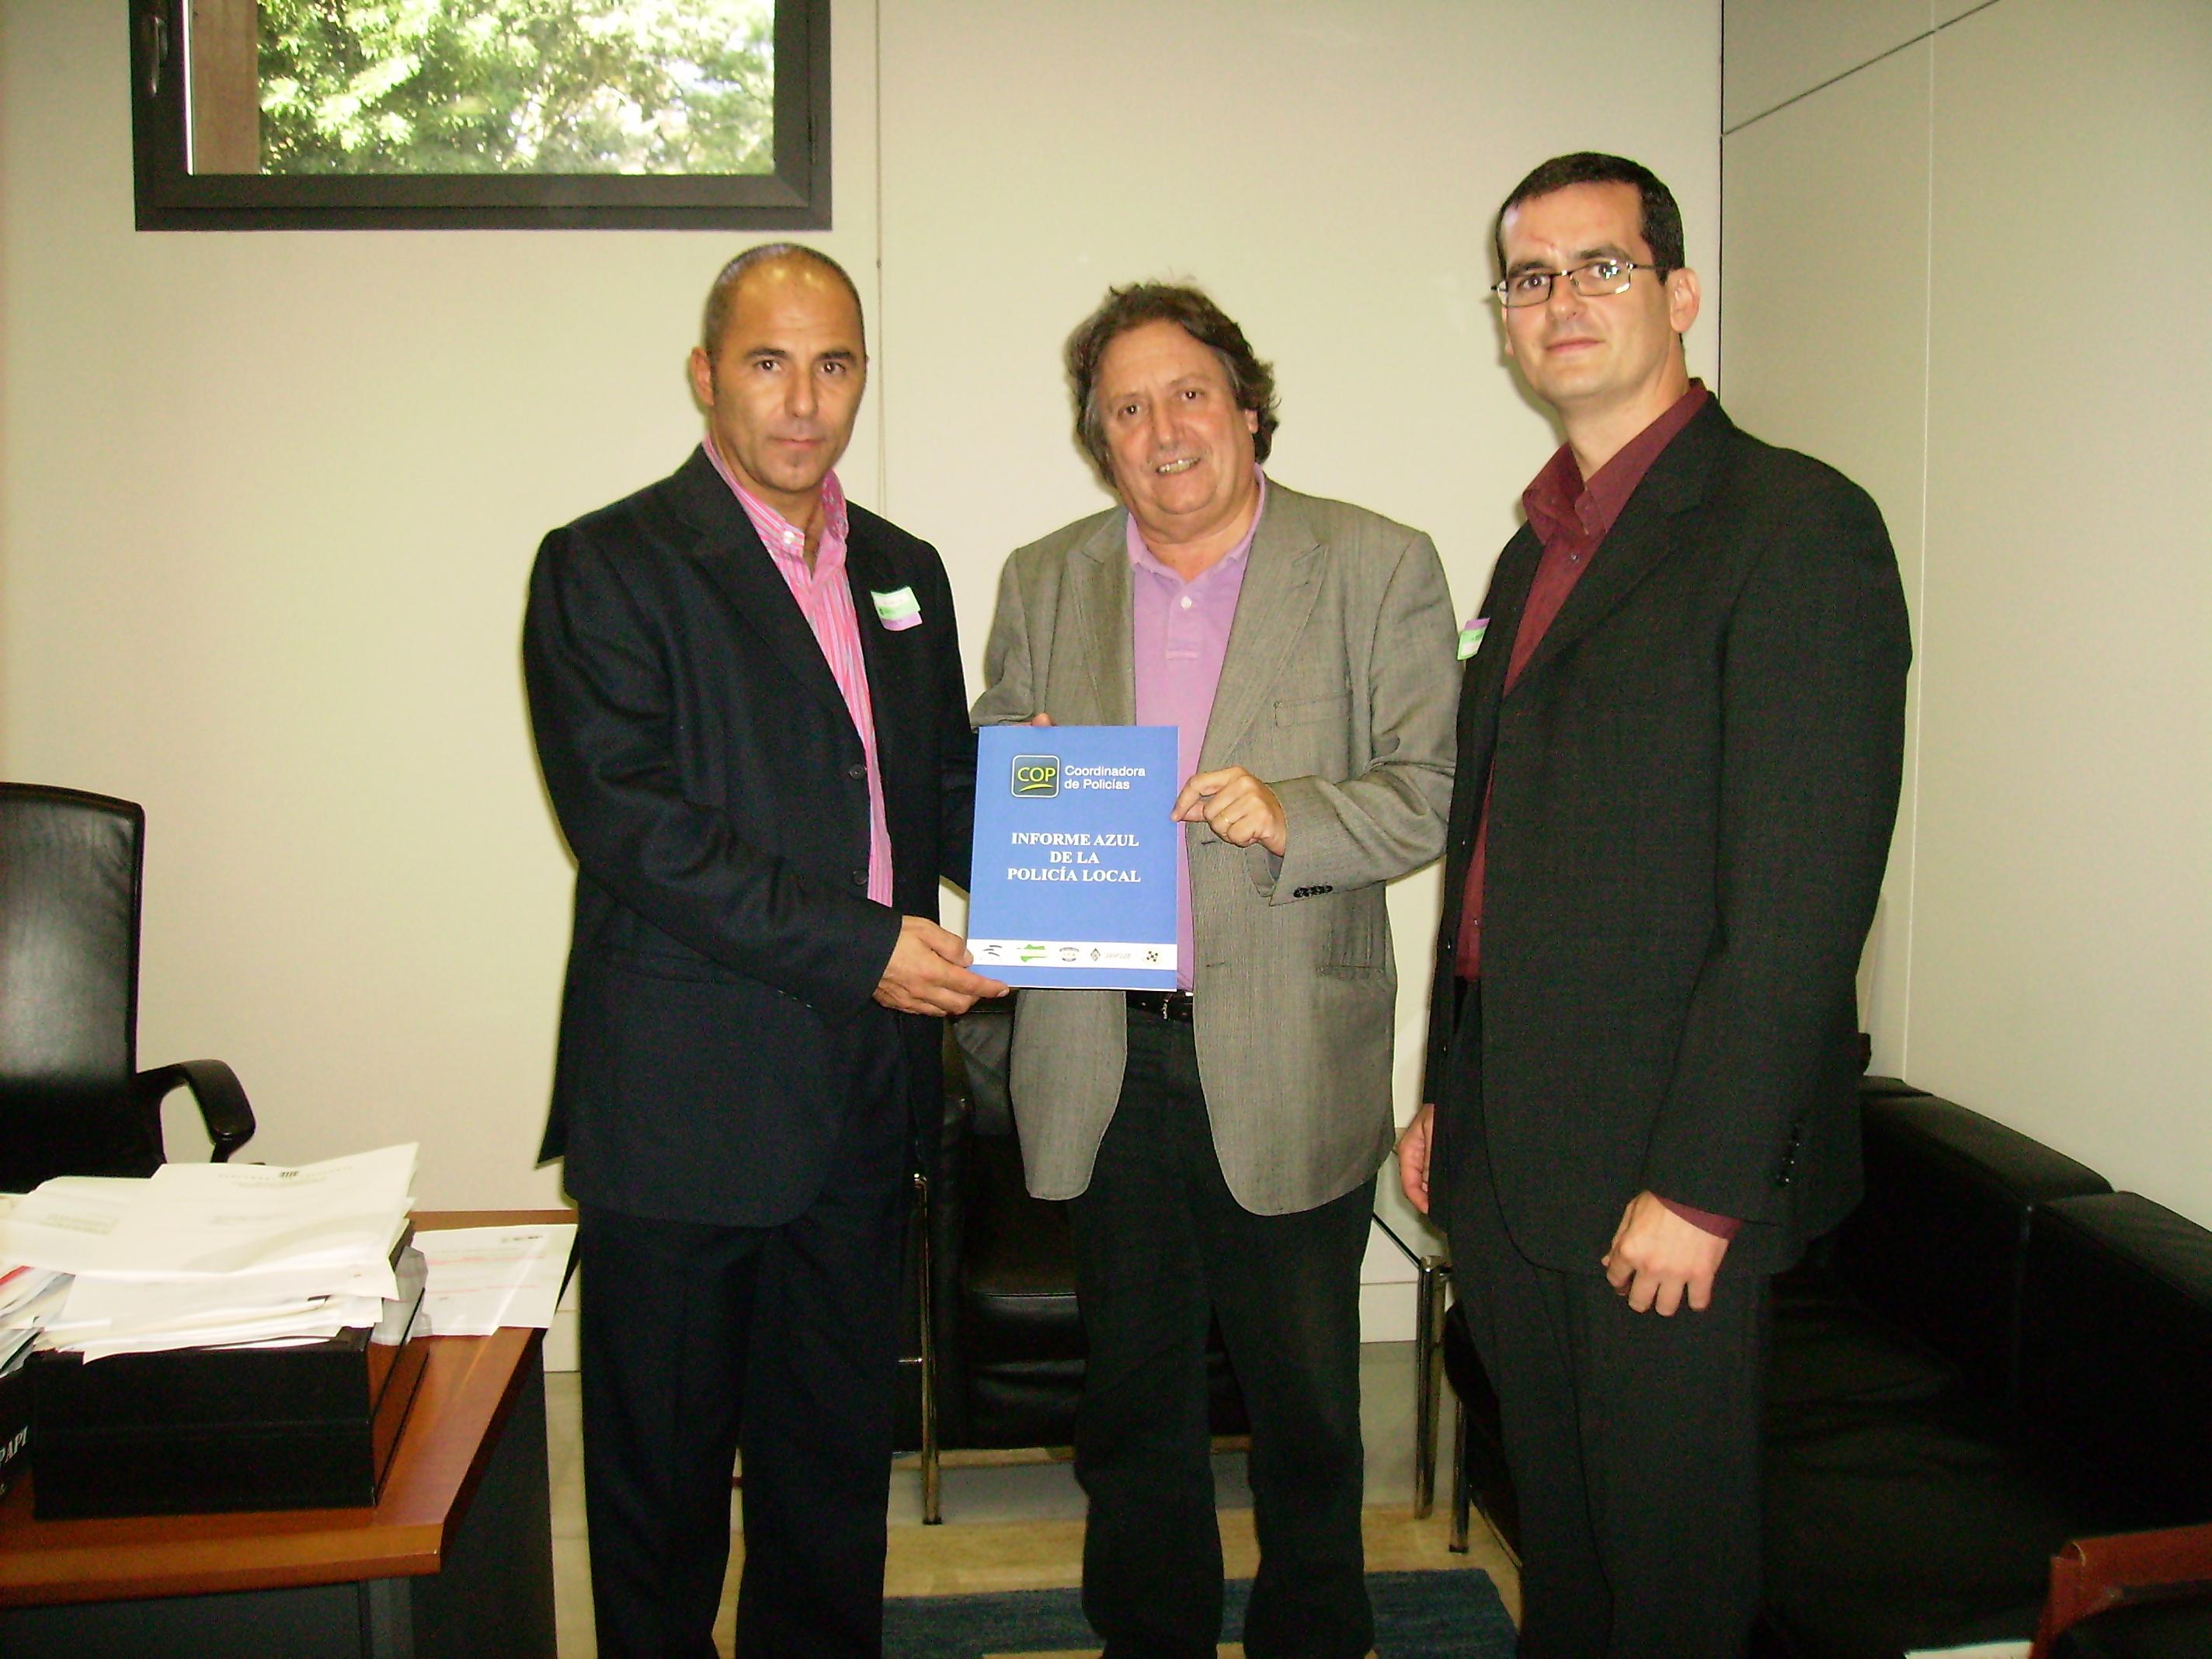 Reunió del sindicat SPPM-Cat amb el diputat de ICV, Sr. Jaume Bosch Mestres